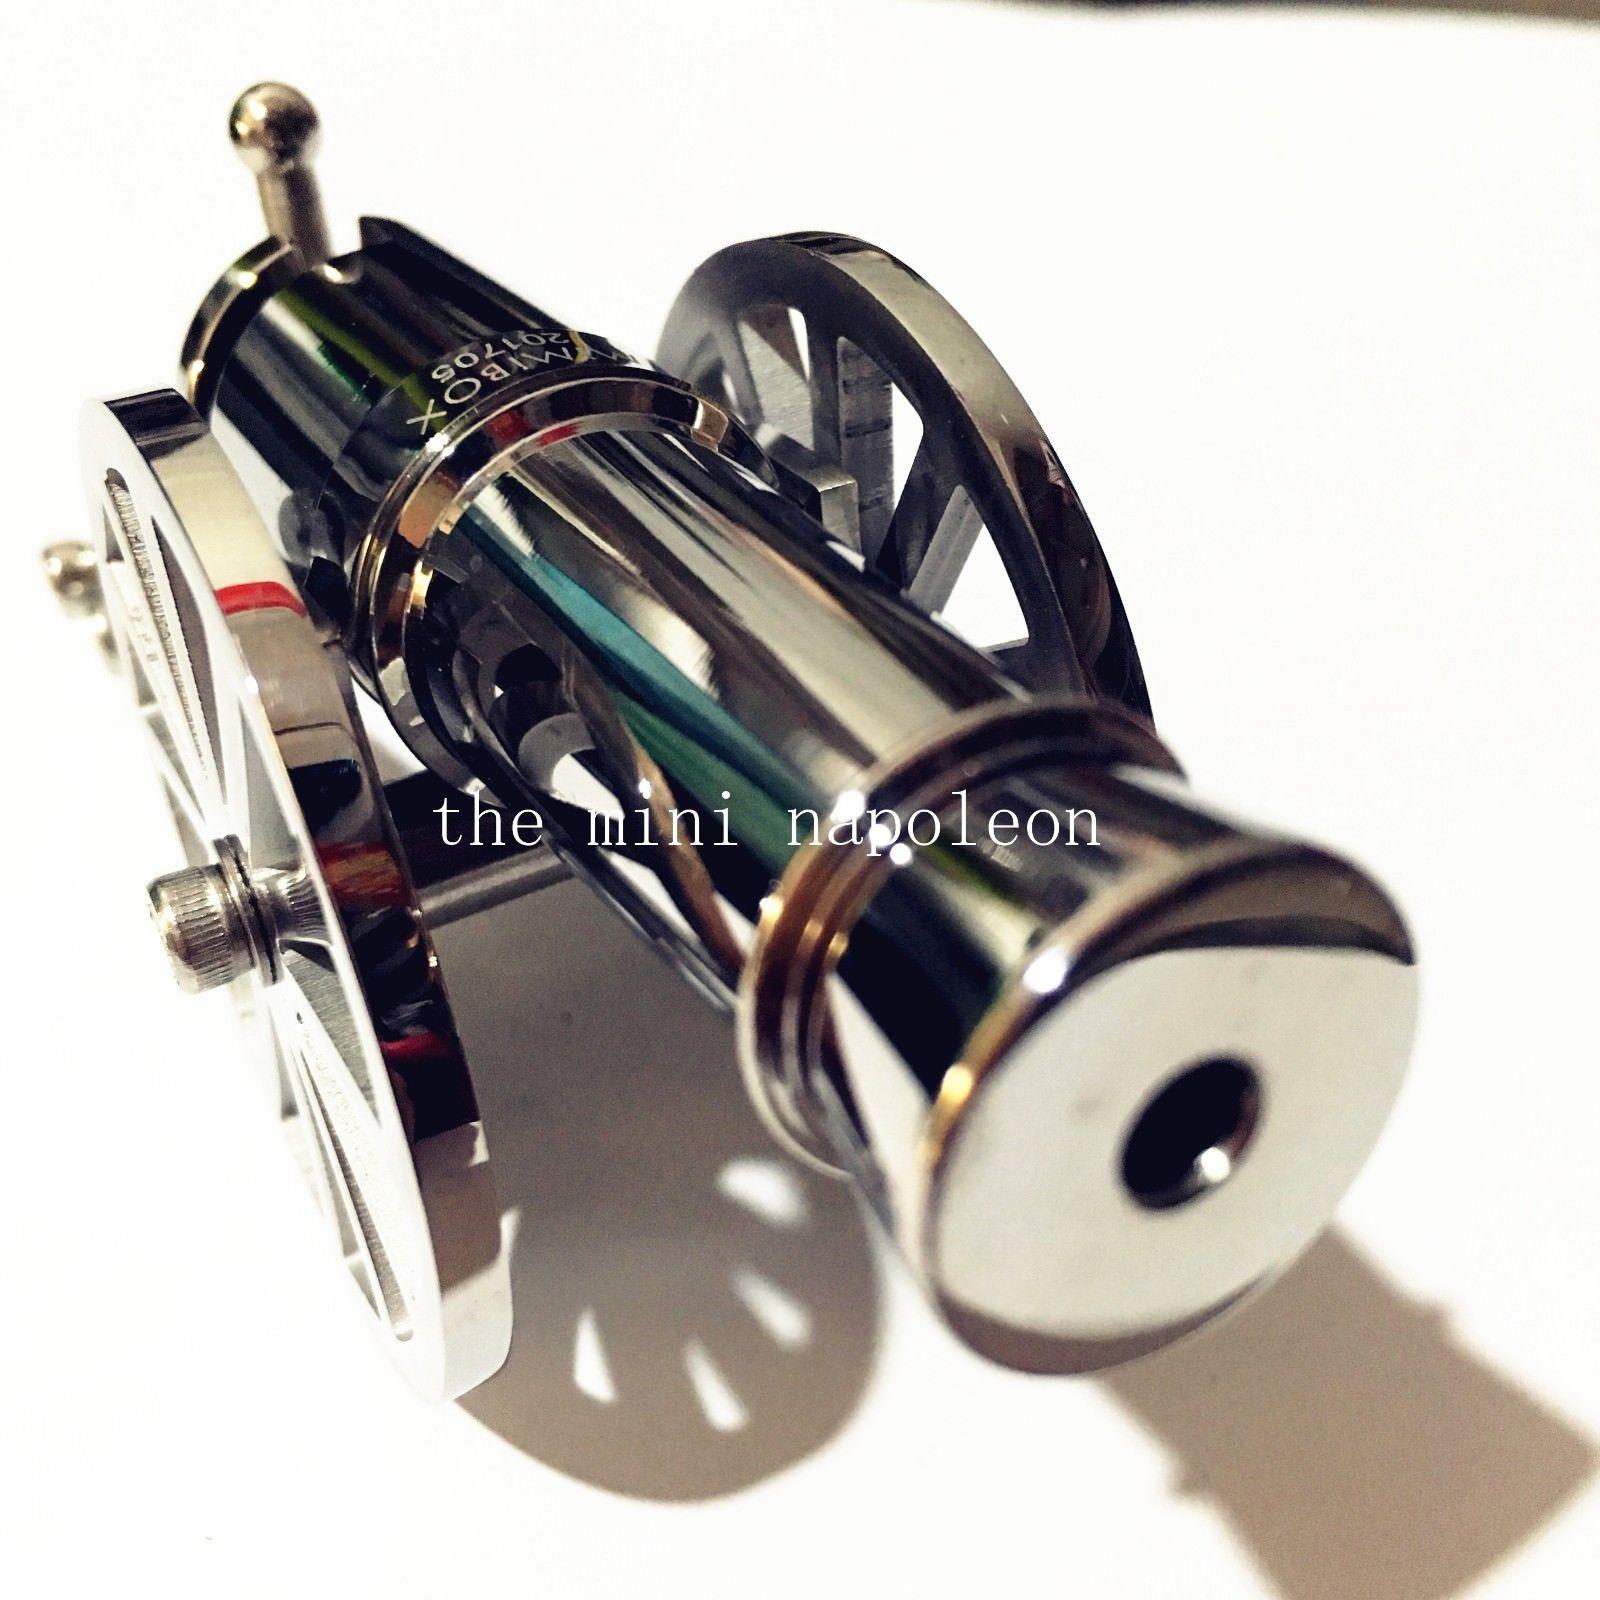 Classique Mini guerriers napoléon canon en acier inoxydable modèle de bureau modèle Naval artillerie décorations de bureau de collection - 4